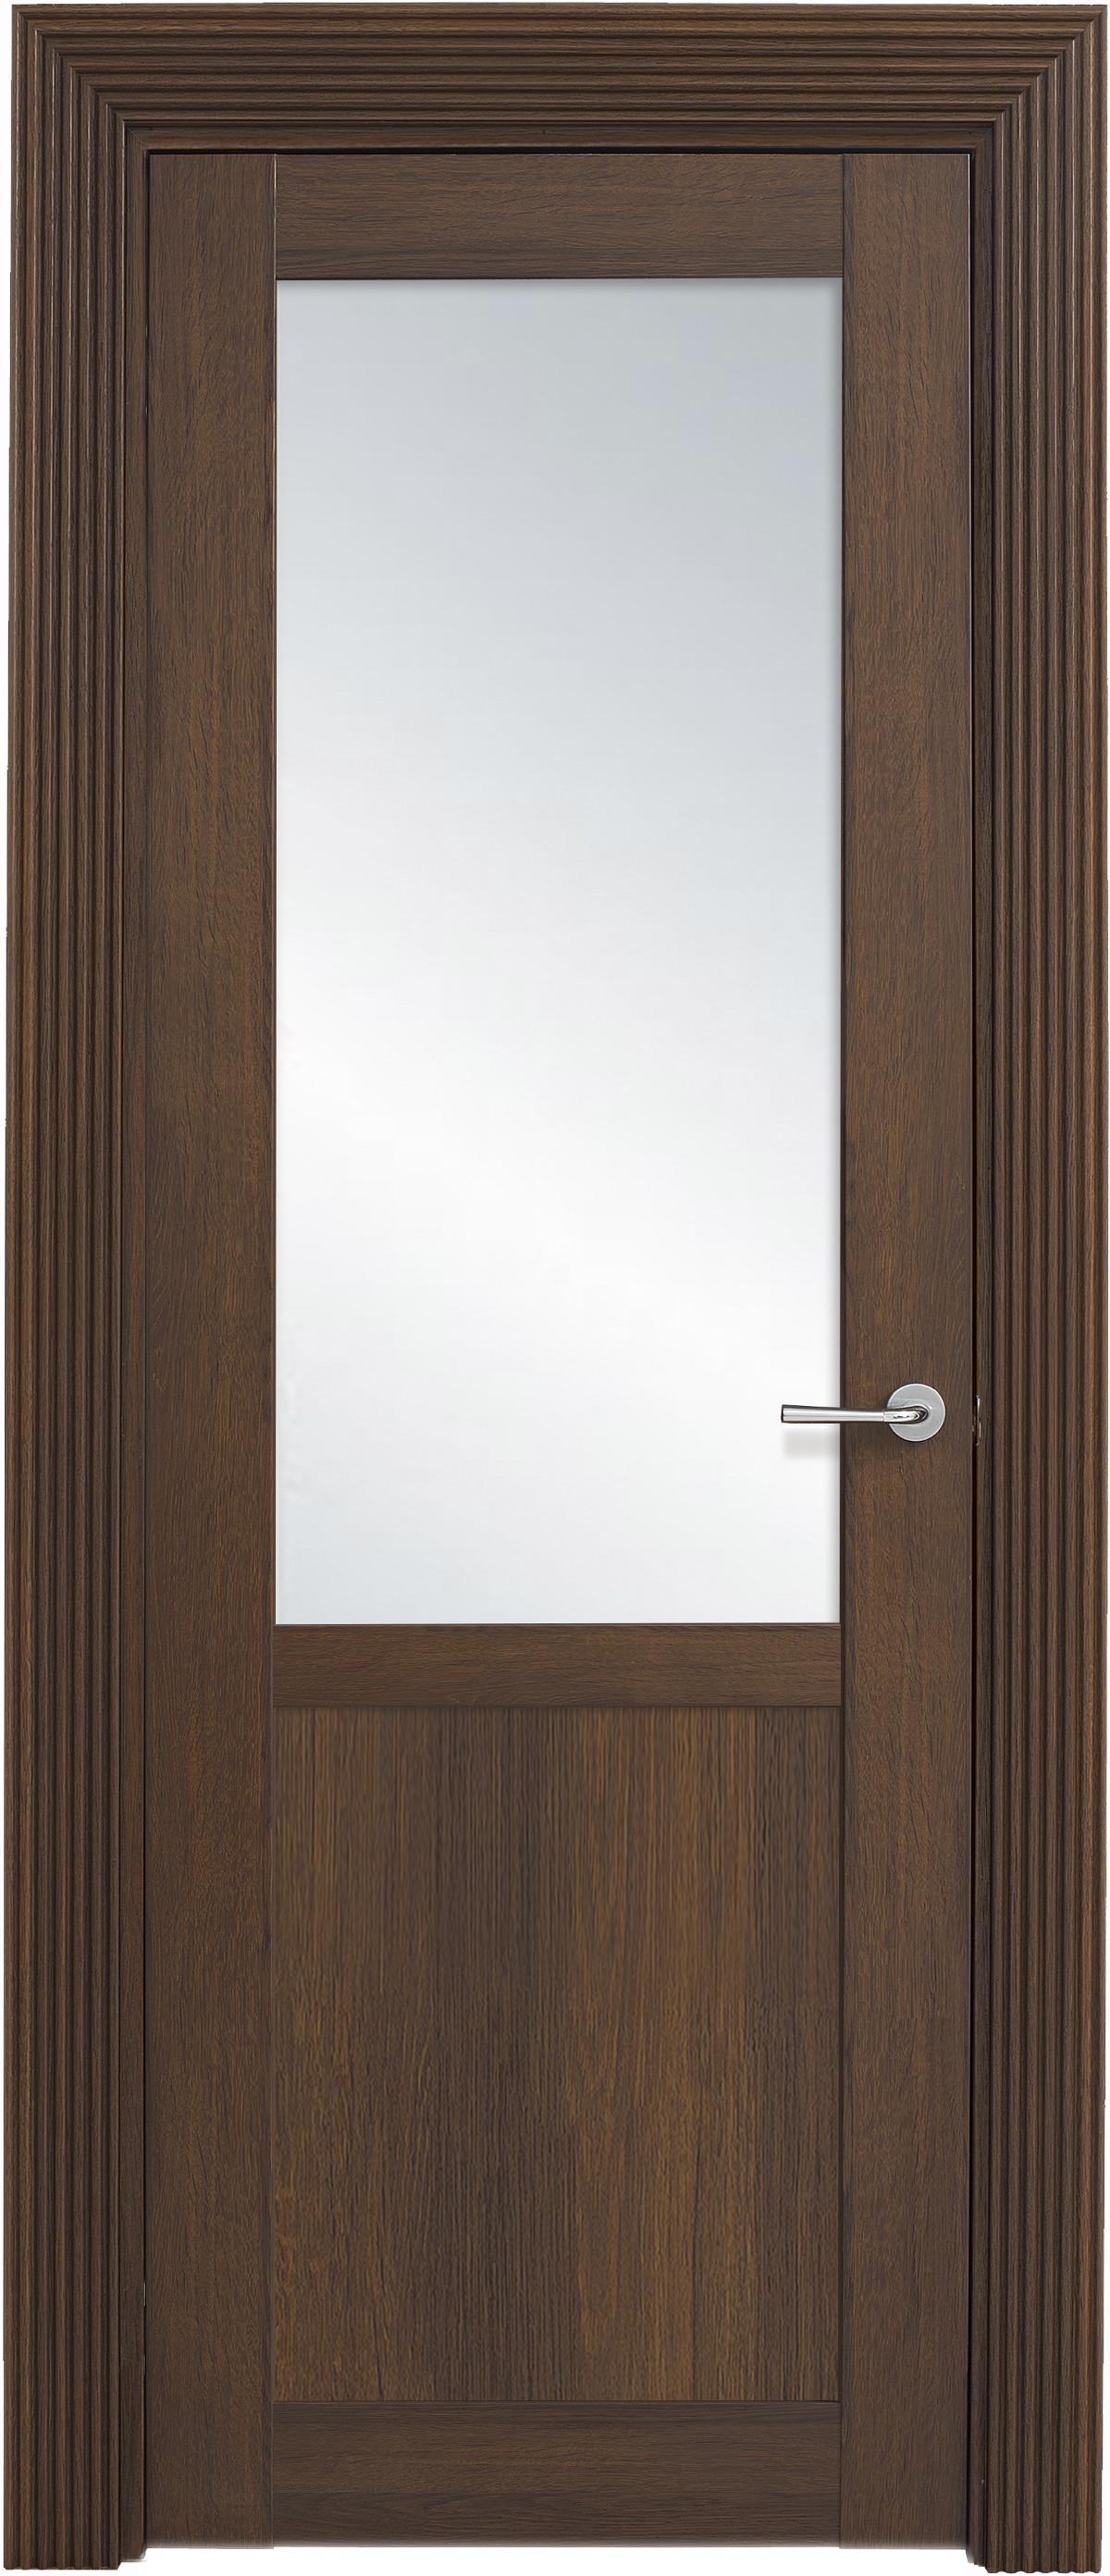 Межкомнатная / входная дверь, отделка: экошпон ГРЕЧЕСКИЙ ОРЕХ, Solo SB